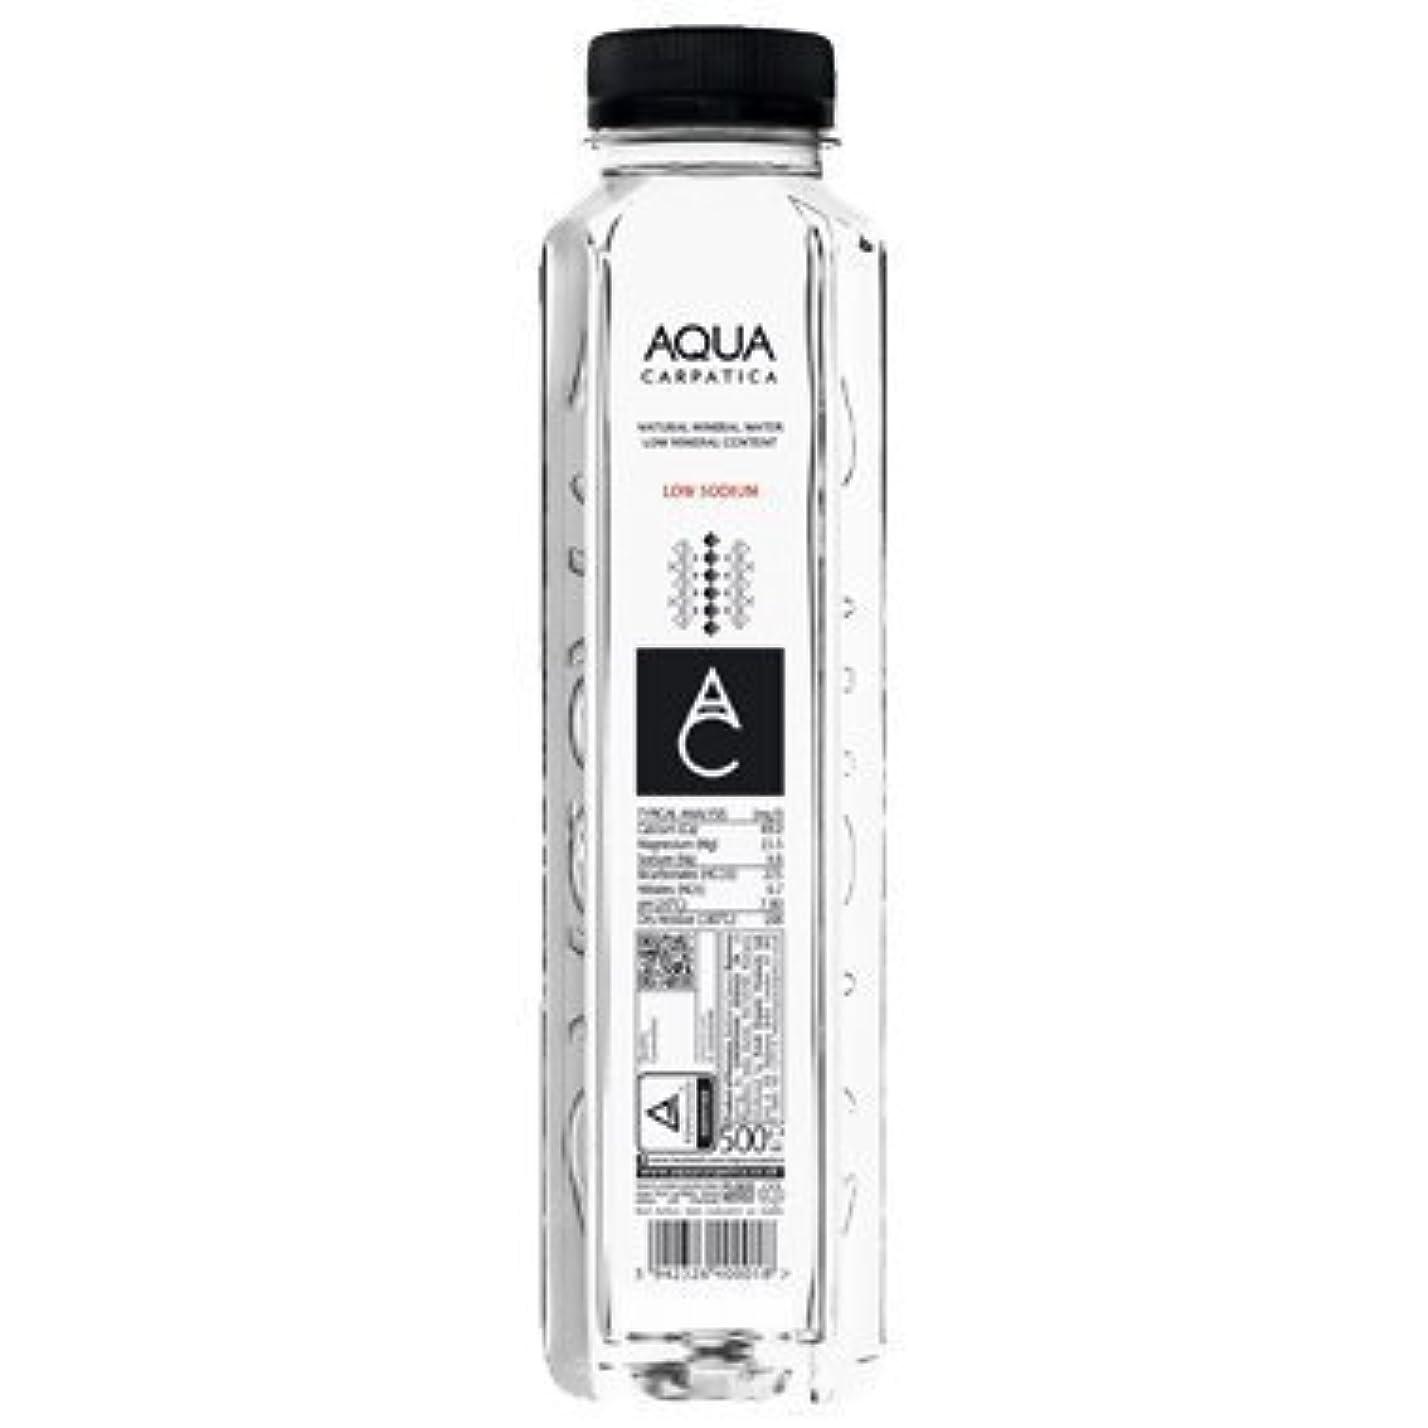 スリル司書ボウリング【500ml×36本】ルーマニアのミネラルウォーター AQUA CARPATICA アクアカルパチカ 500ml PETボトル (3ケース 36本) 【ルーマニア 水 ミネラルウォーター】